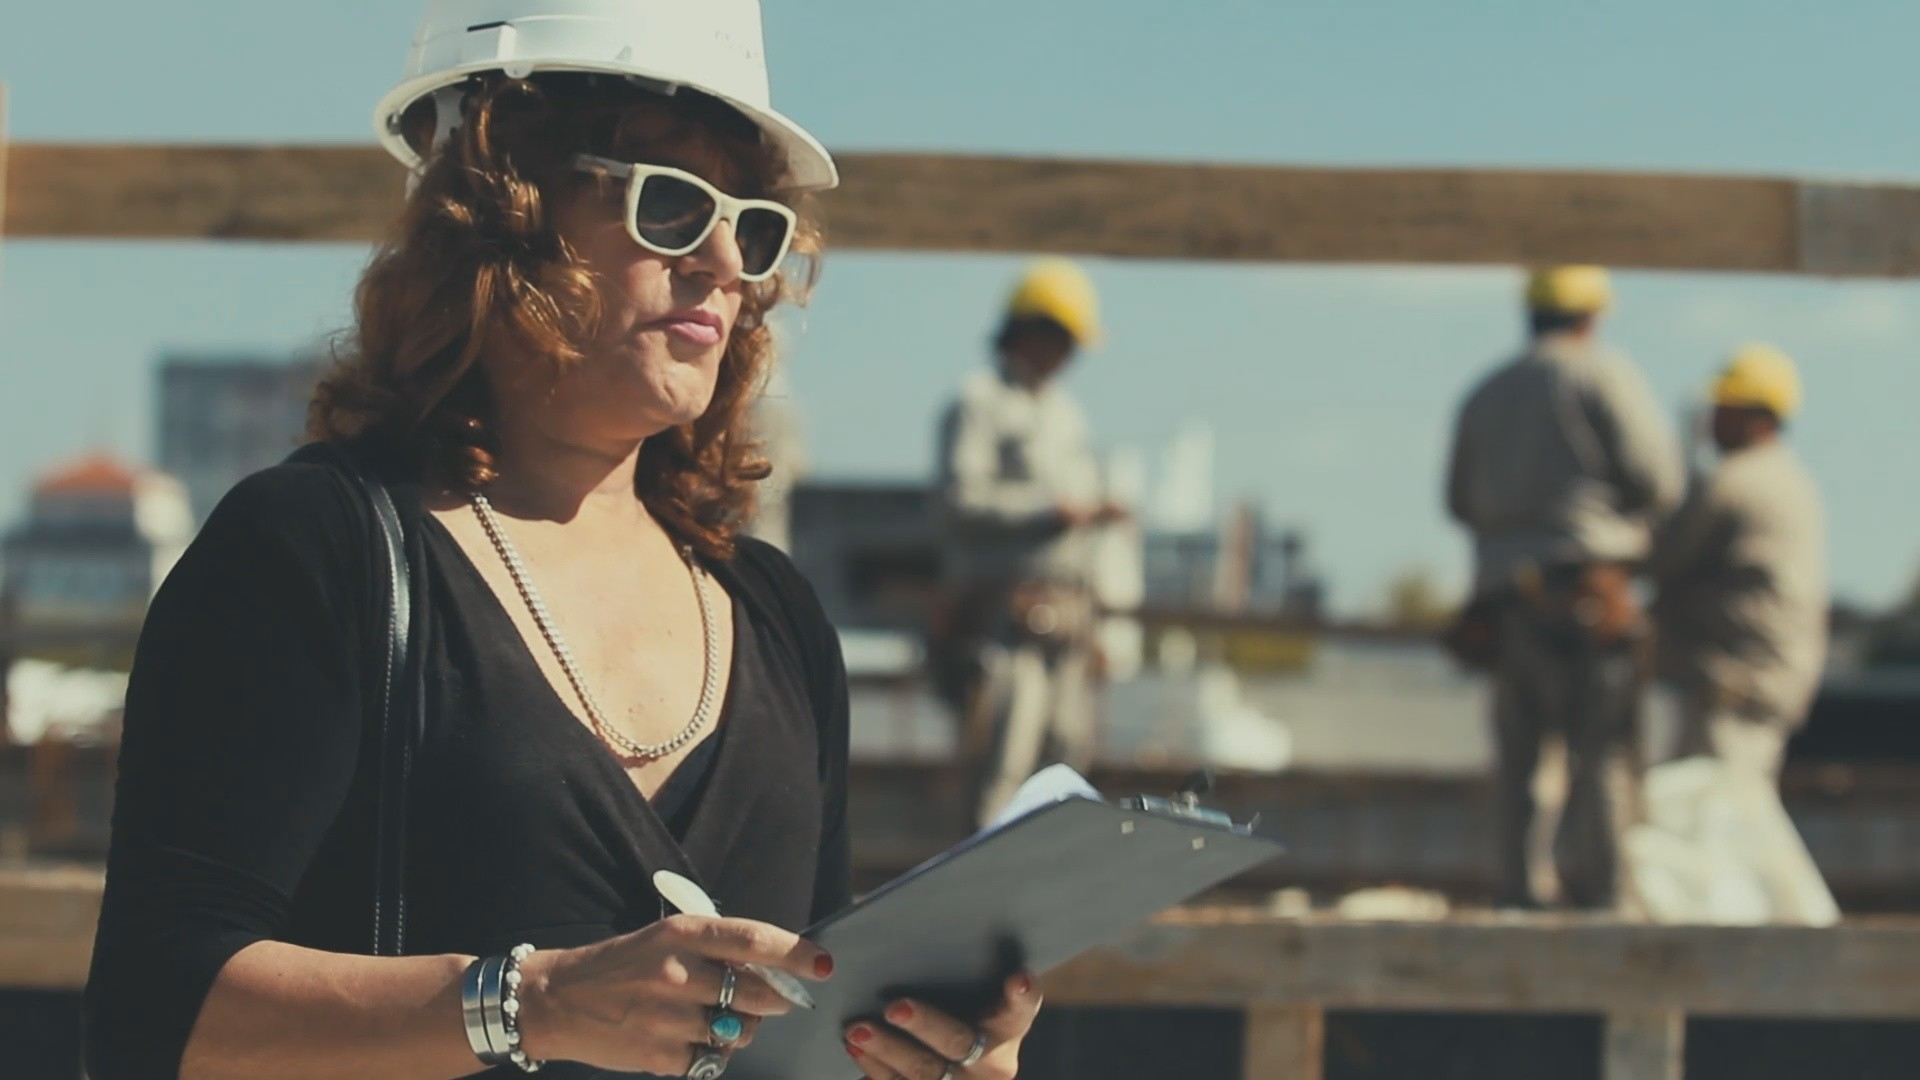 Canela wearing hardhat on construction site